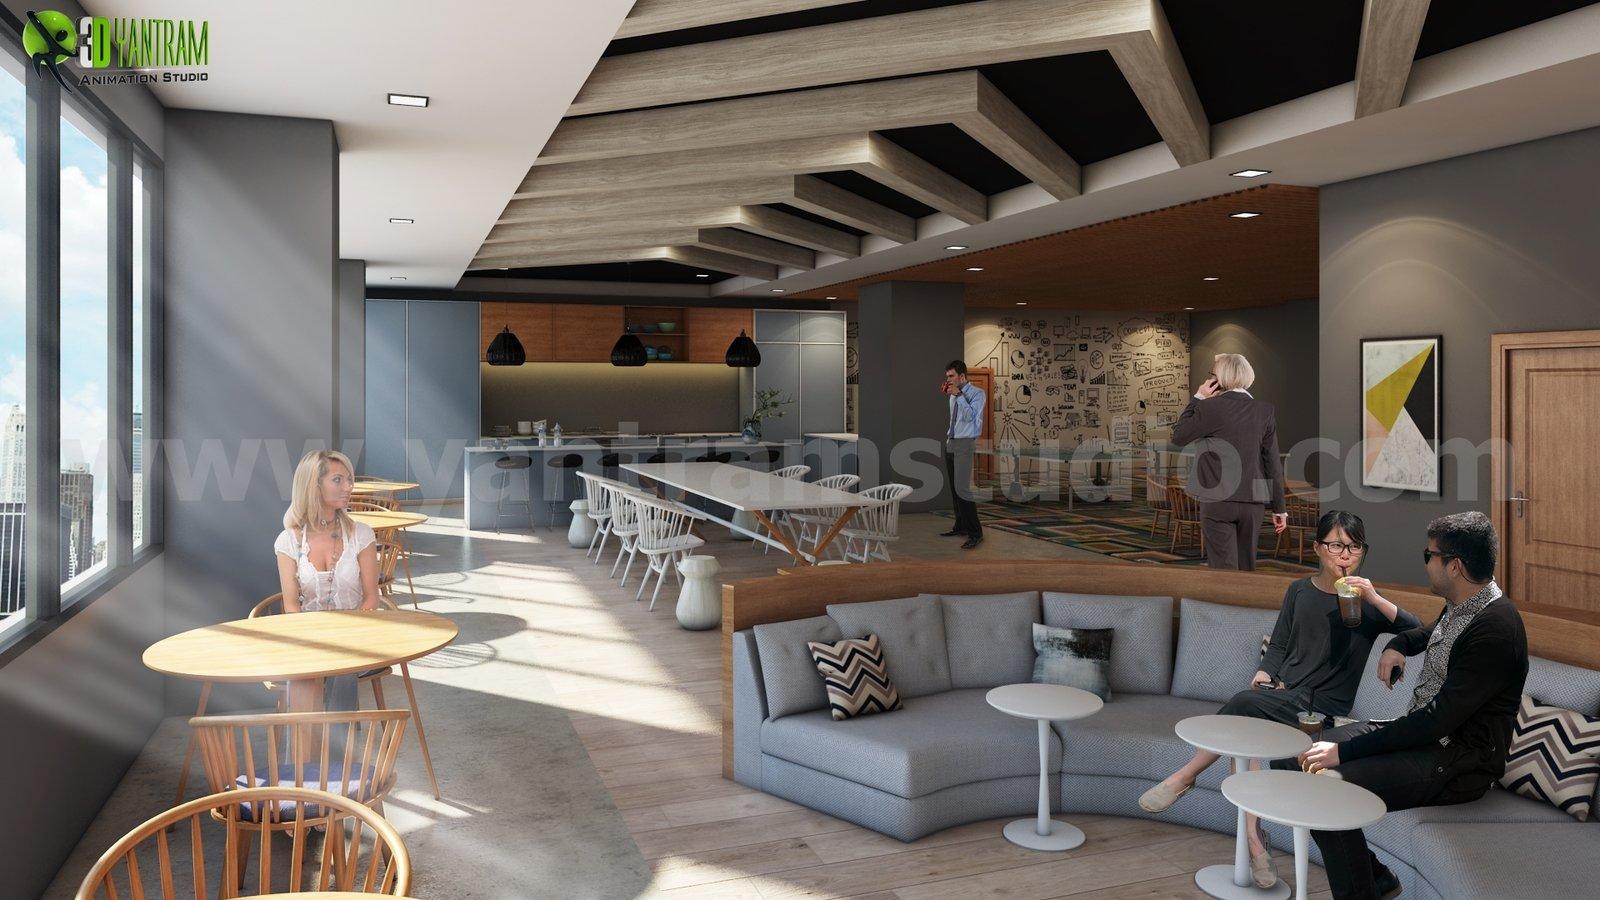 ideal 3d office interior cafe area design - texasyantram